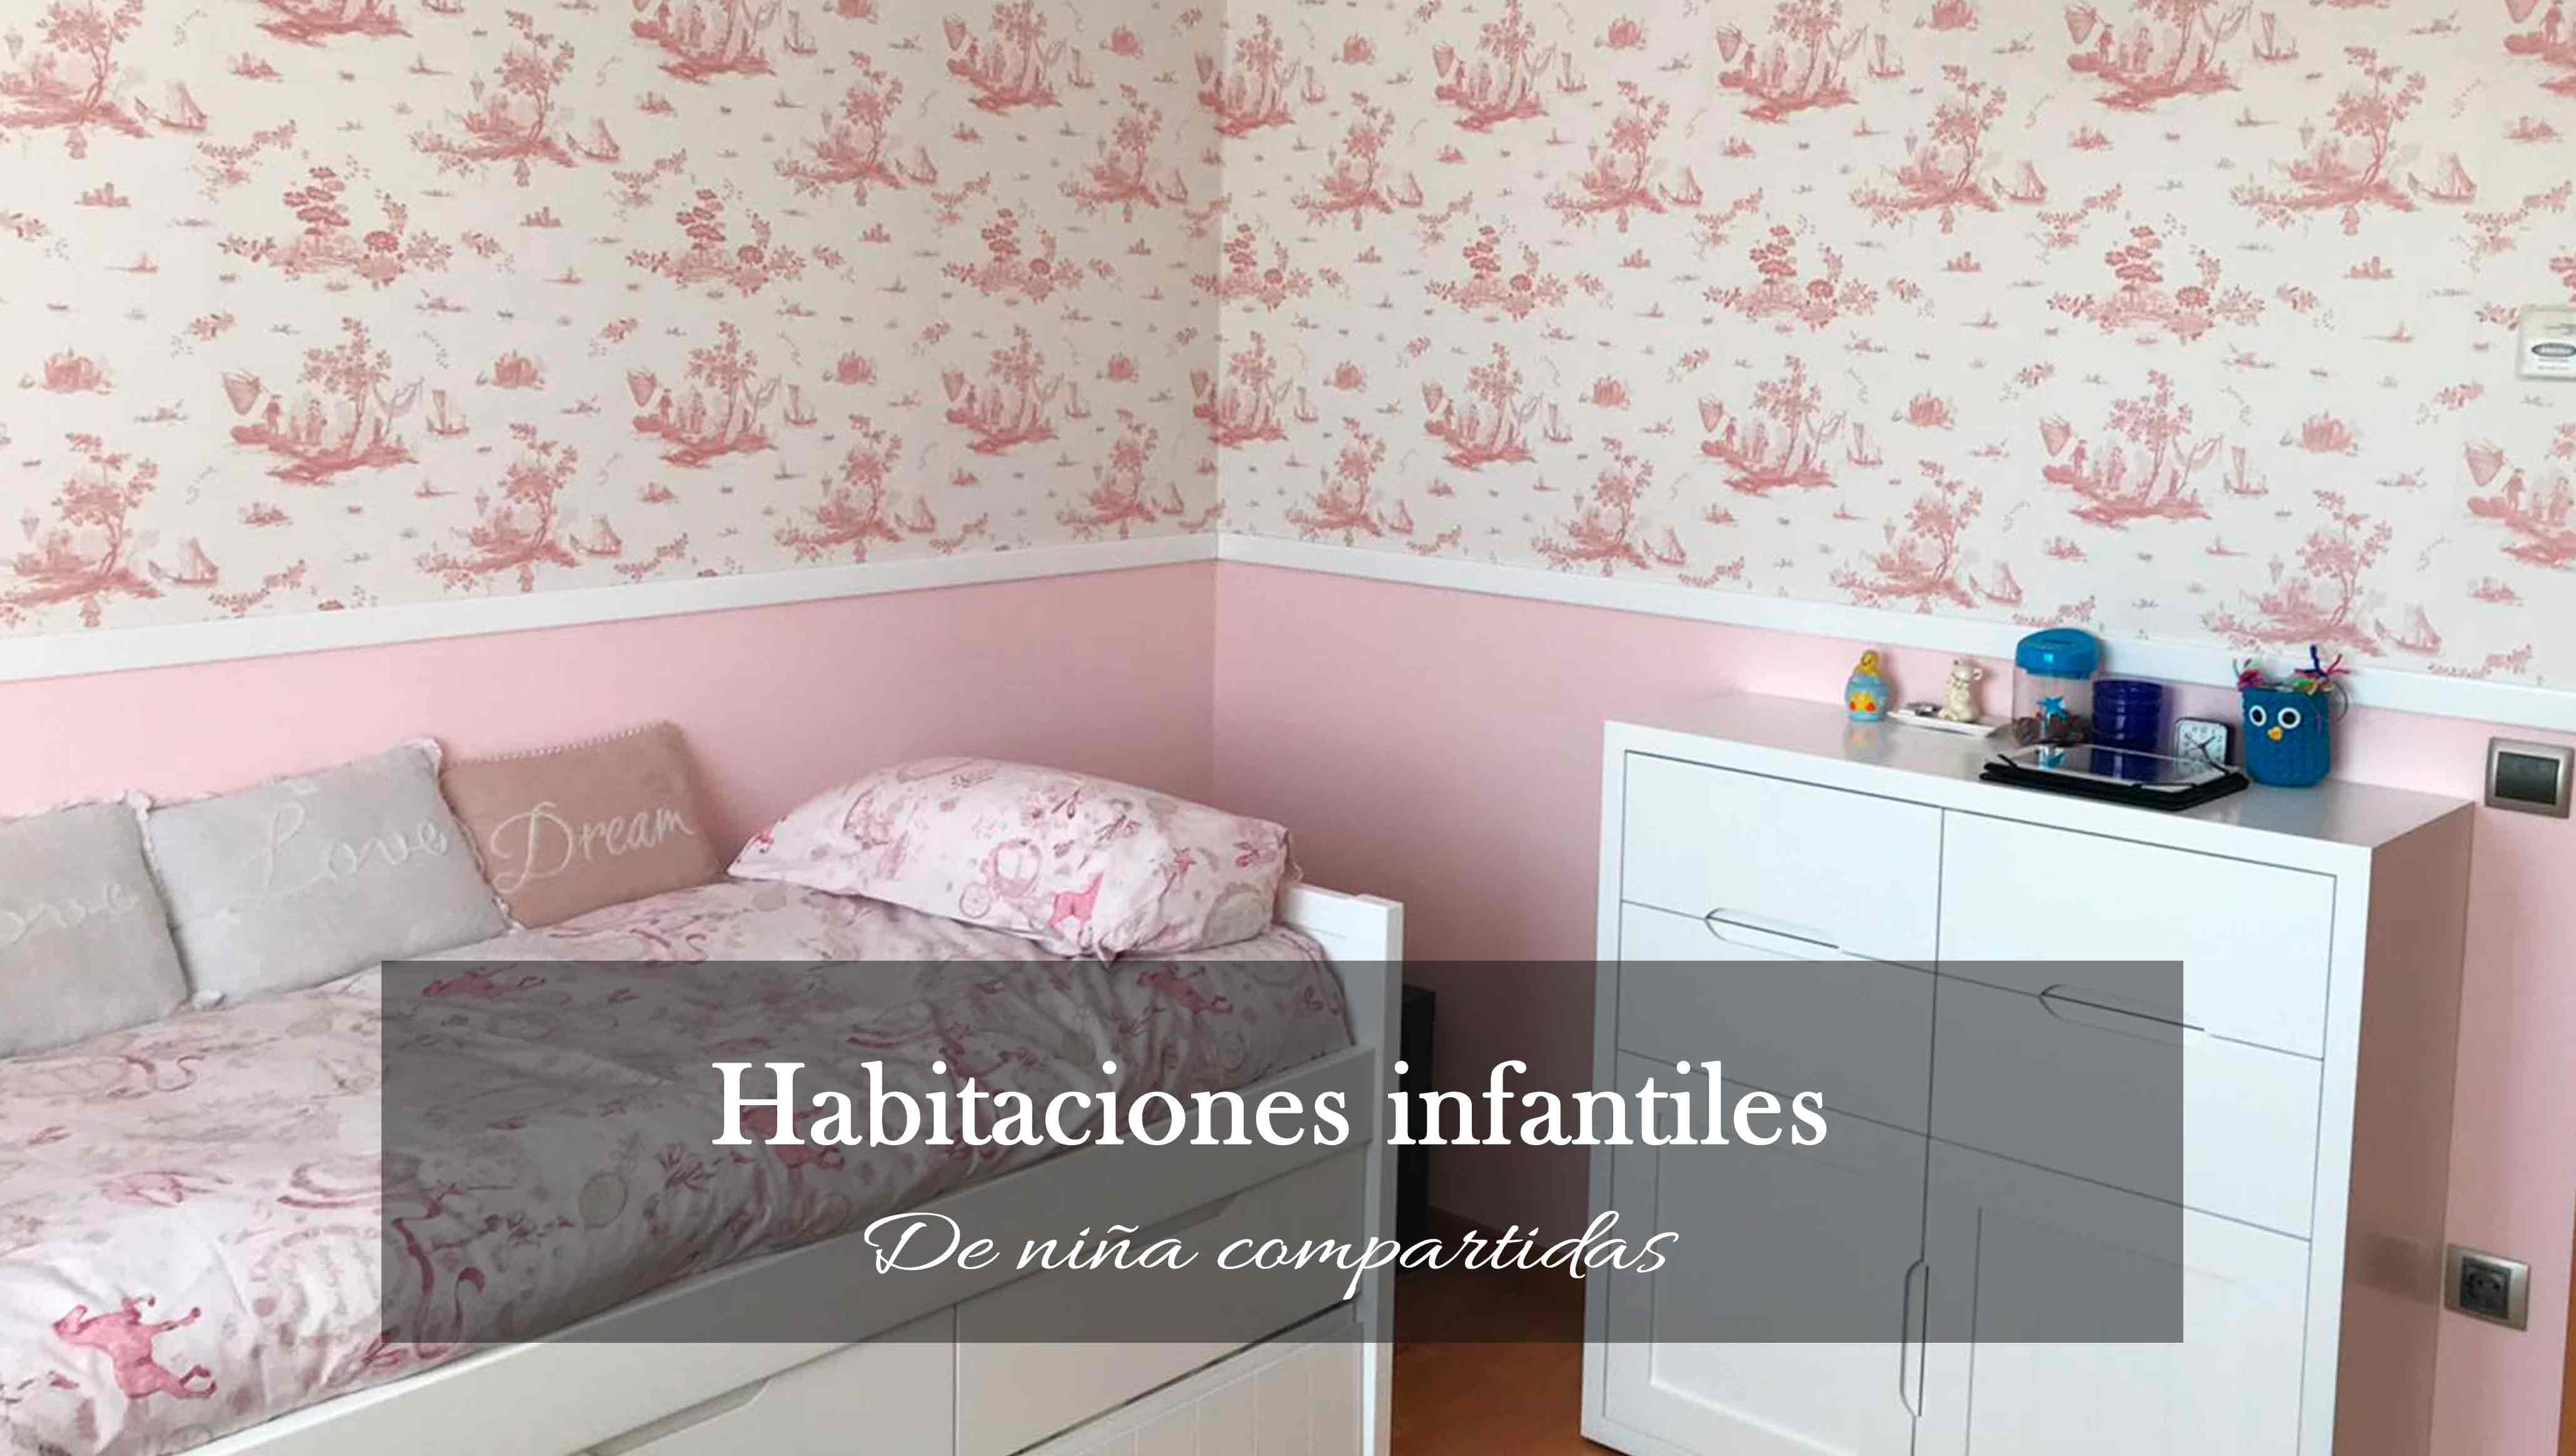 Habitaciones infantiles de niña compartidas